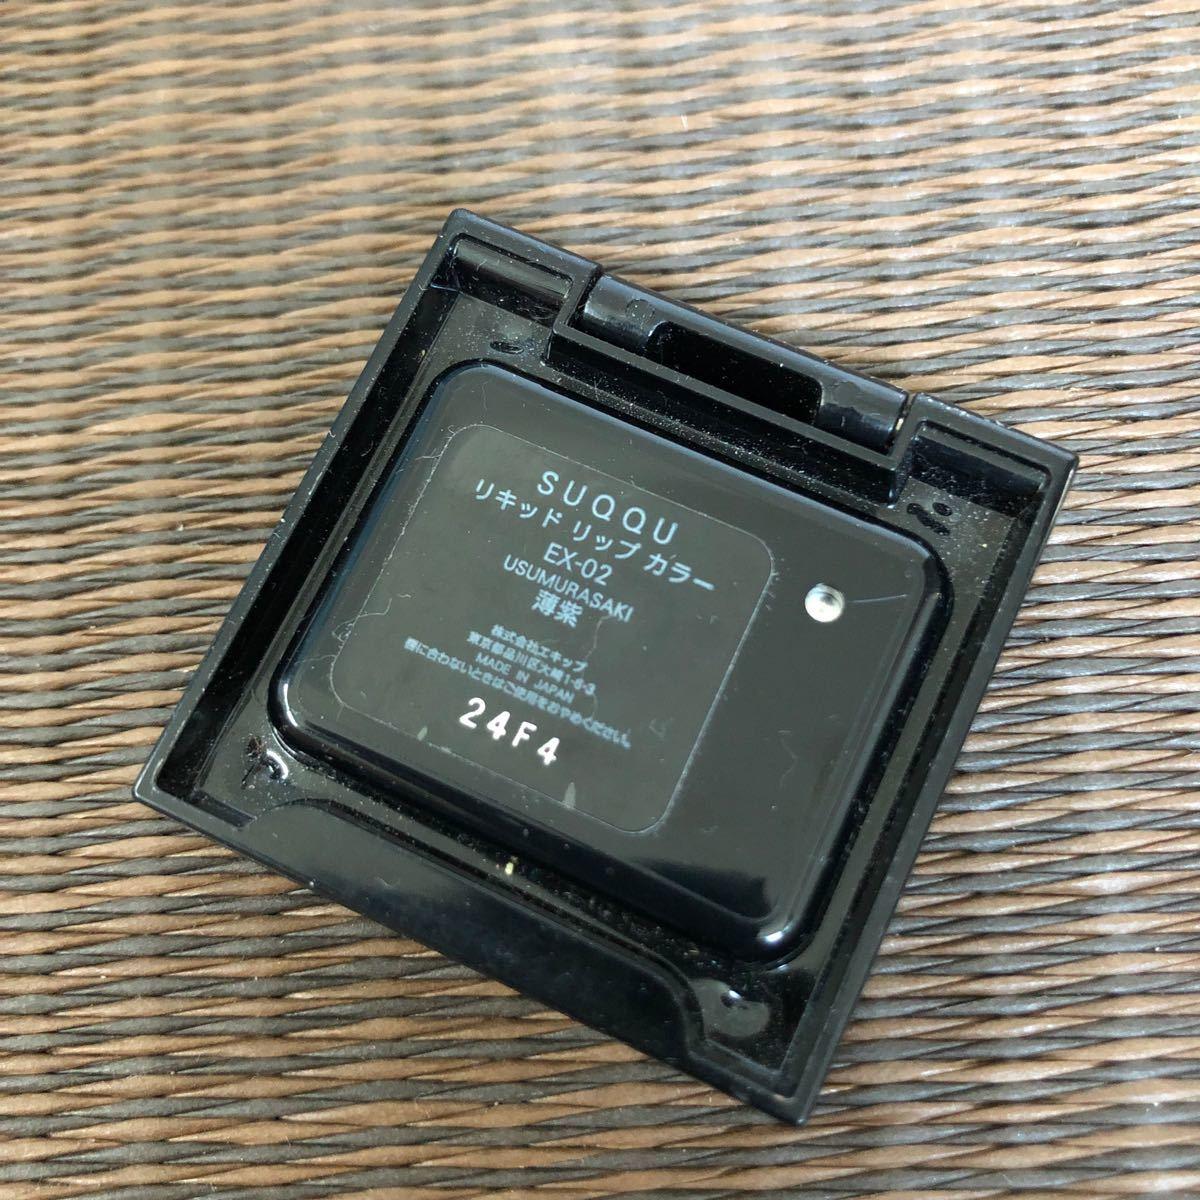 スック SUQQU 五彩 リキッドリップカラー EX-02 薄紫 限定色 廃盤 レア